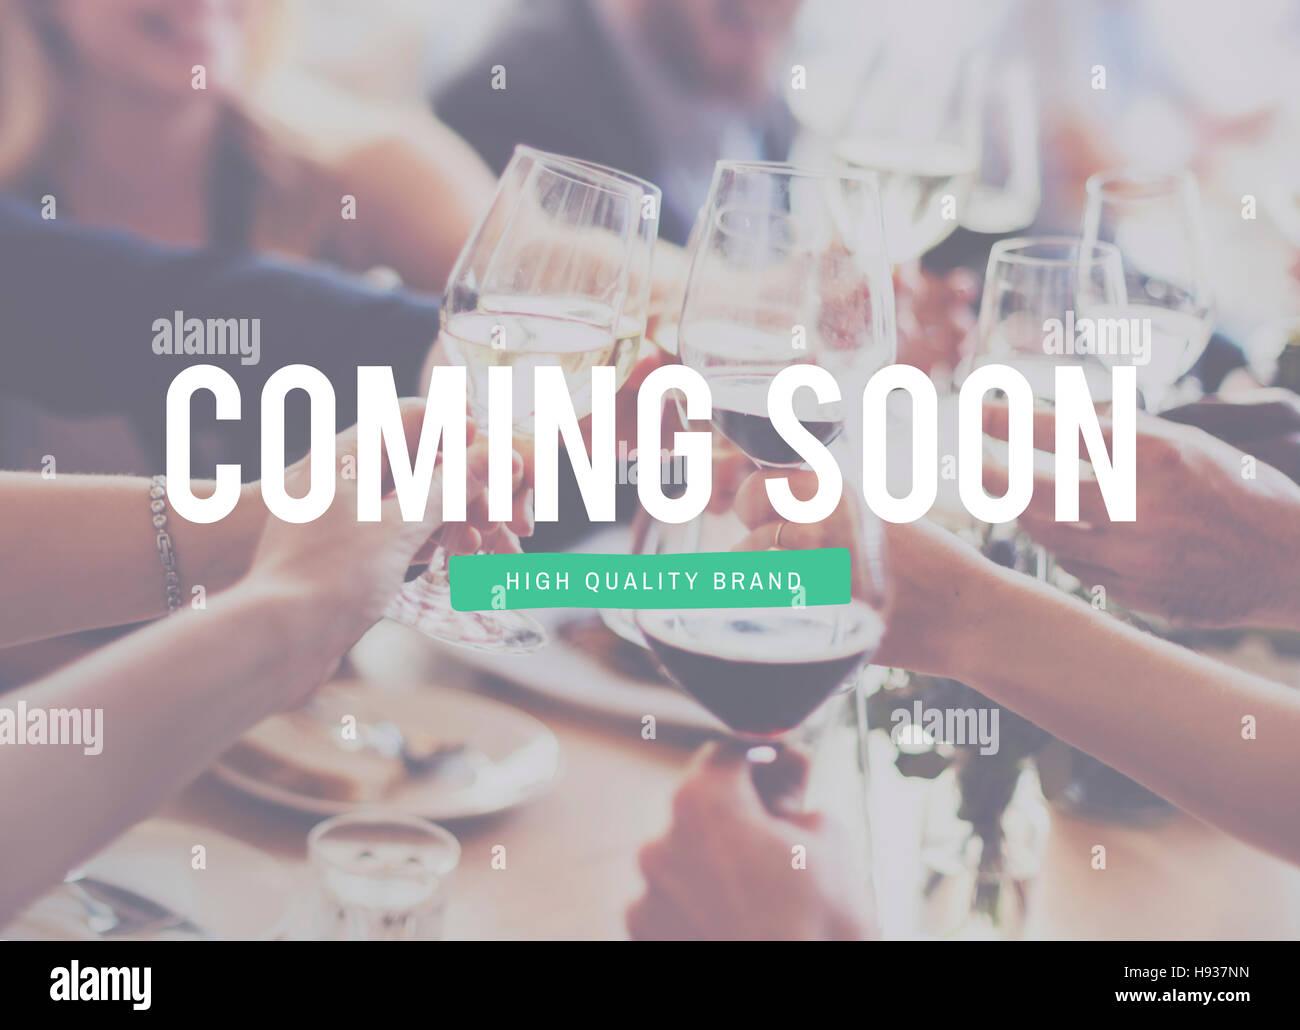 Bientôt l'absence d'attente Publicité Concept commercial Photo Stock